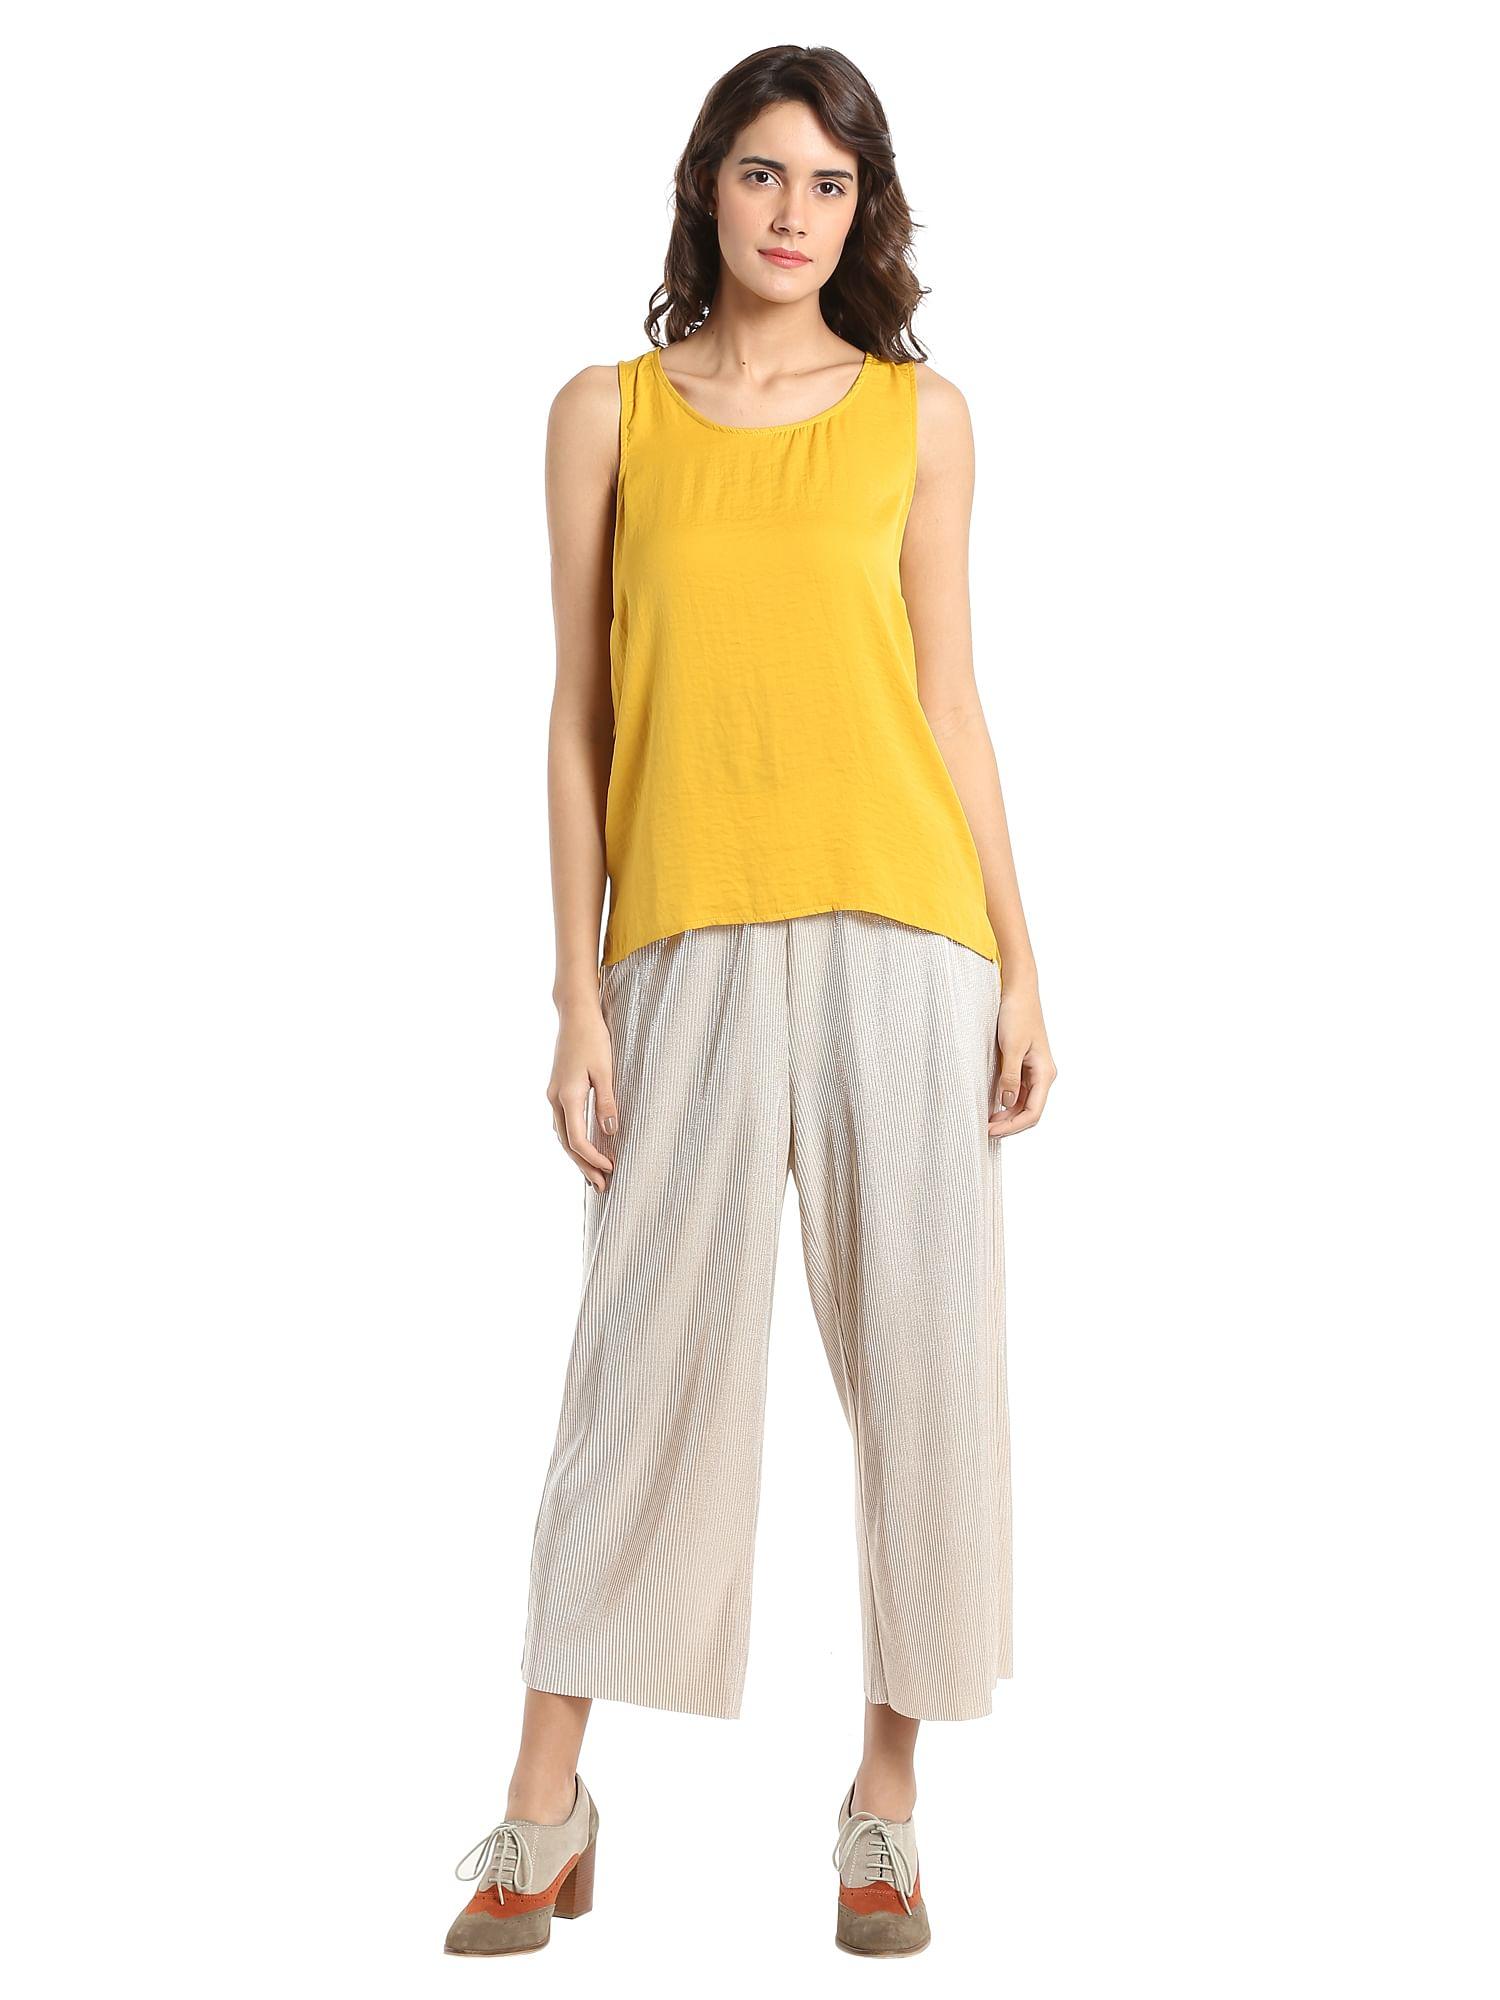 Buy Women Yellow High Low Toponline